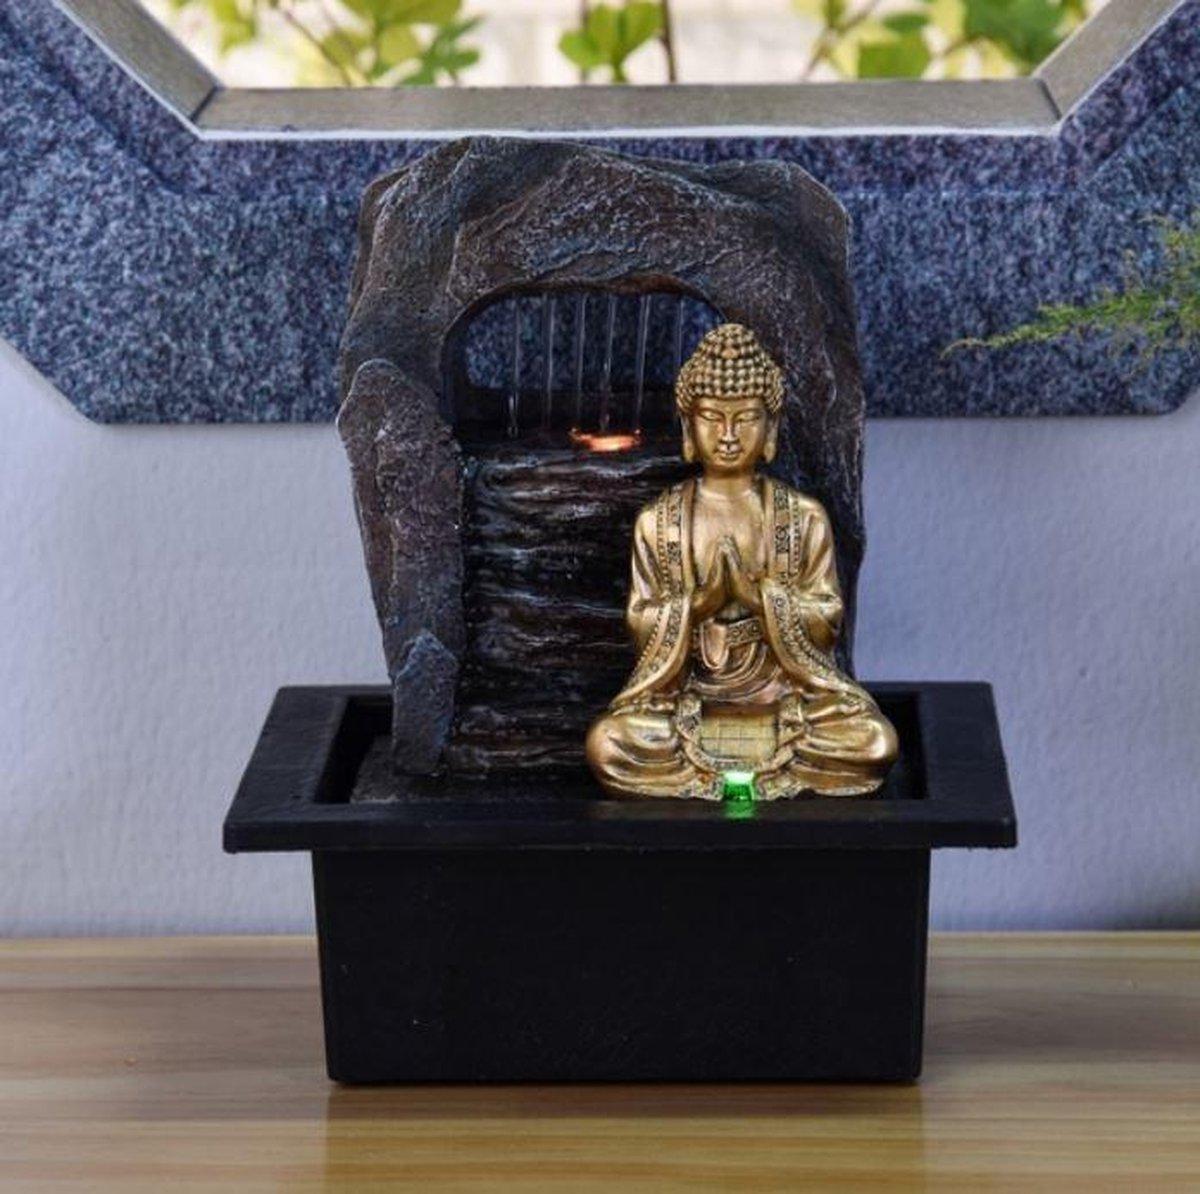 Fontein Boeddha Zen Dao 25 cm hoog - fontein -interieur - fontein voor binnen - relaxeer - zen - waterornament - cadeau - geschenk - kerst - nieuwjaar - verjaardag - origineel - lente - zomer - lentecollectie - zomercollectie - afkoeling - koelte